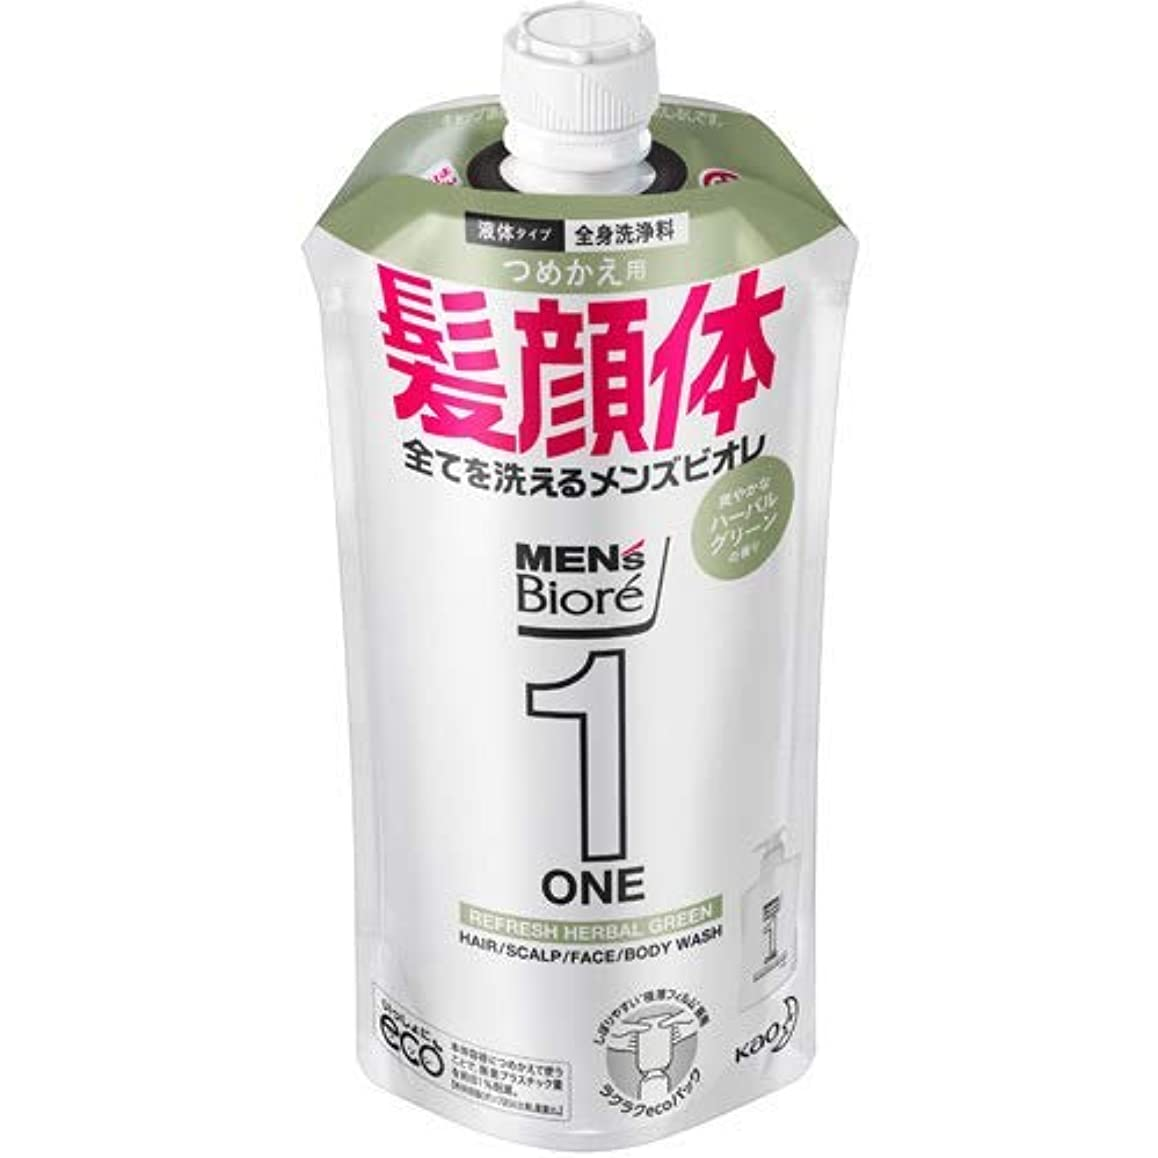 震える相談するハンサム【10個セット】メンズビオレONE オールインワン全身洗浄料 爽やかなハーブルグリーンの香り つめかえ用 340mL